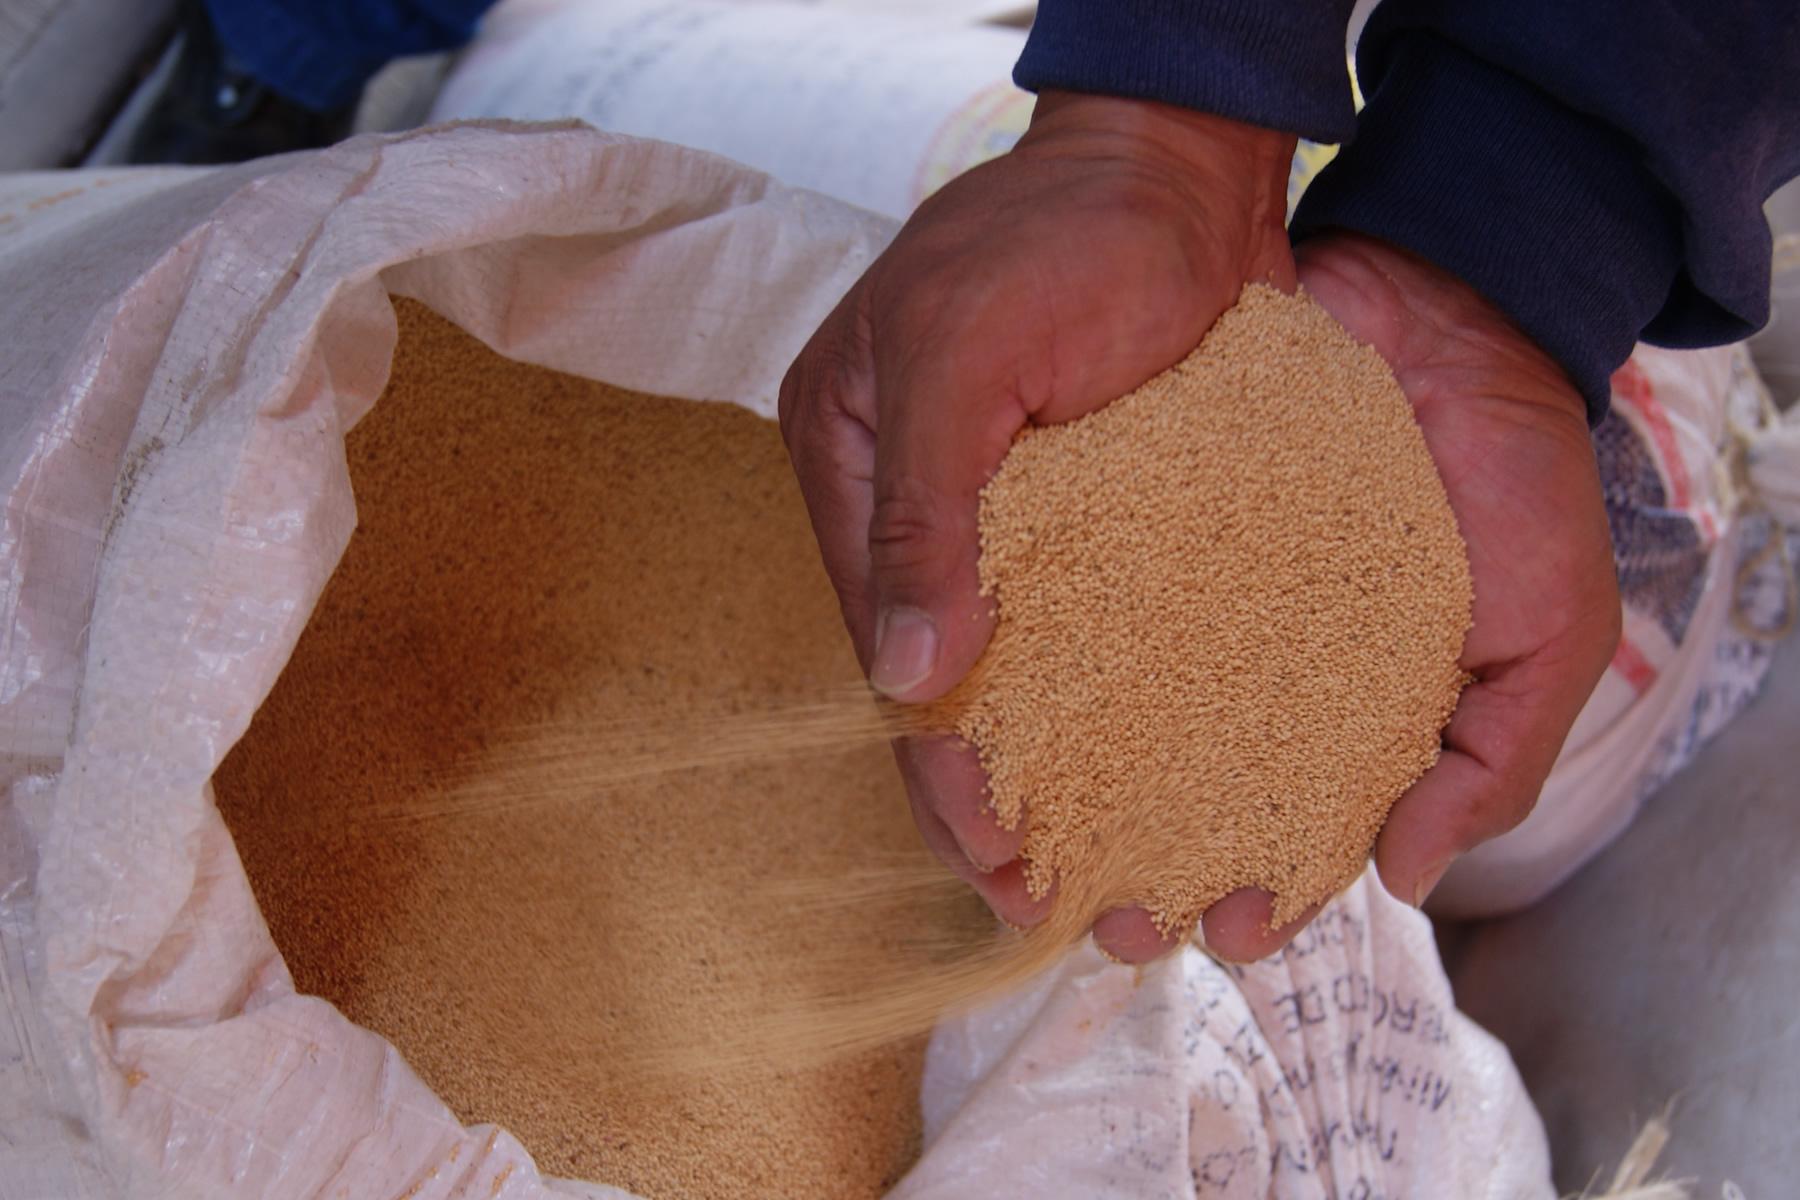 Con el objetivo de elevar la producción de amaranto en el Distrito Federal, productores, la SAGARPA y el Gobierno capitalino trabajan en la implementación de un nuevo esquema de Extensionismo Holístico y en la adopción de innovaciones para el sector.